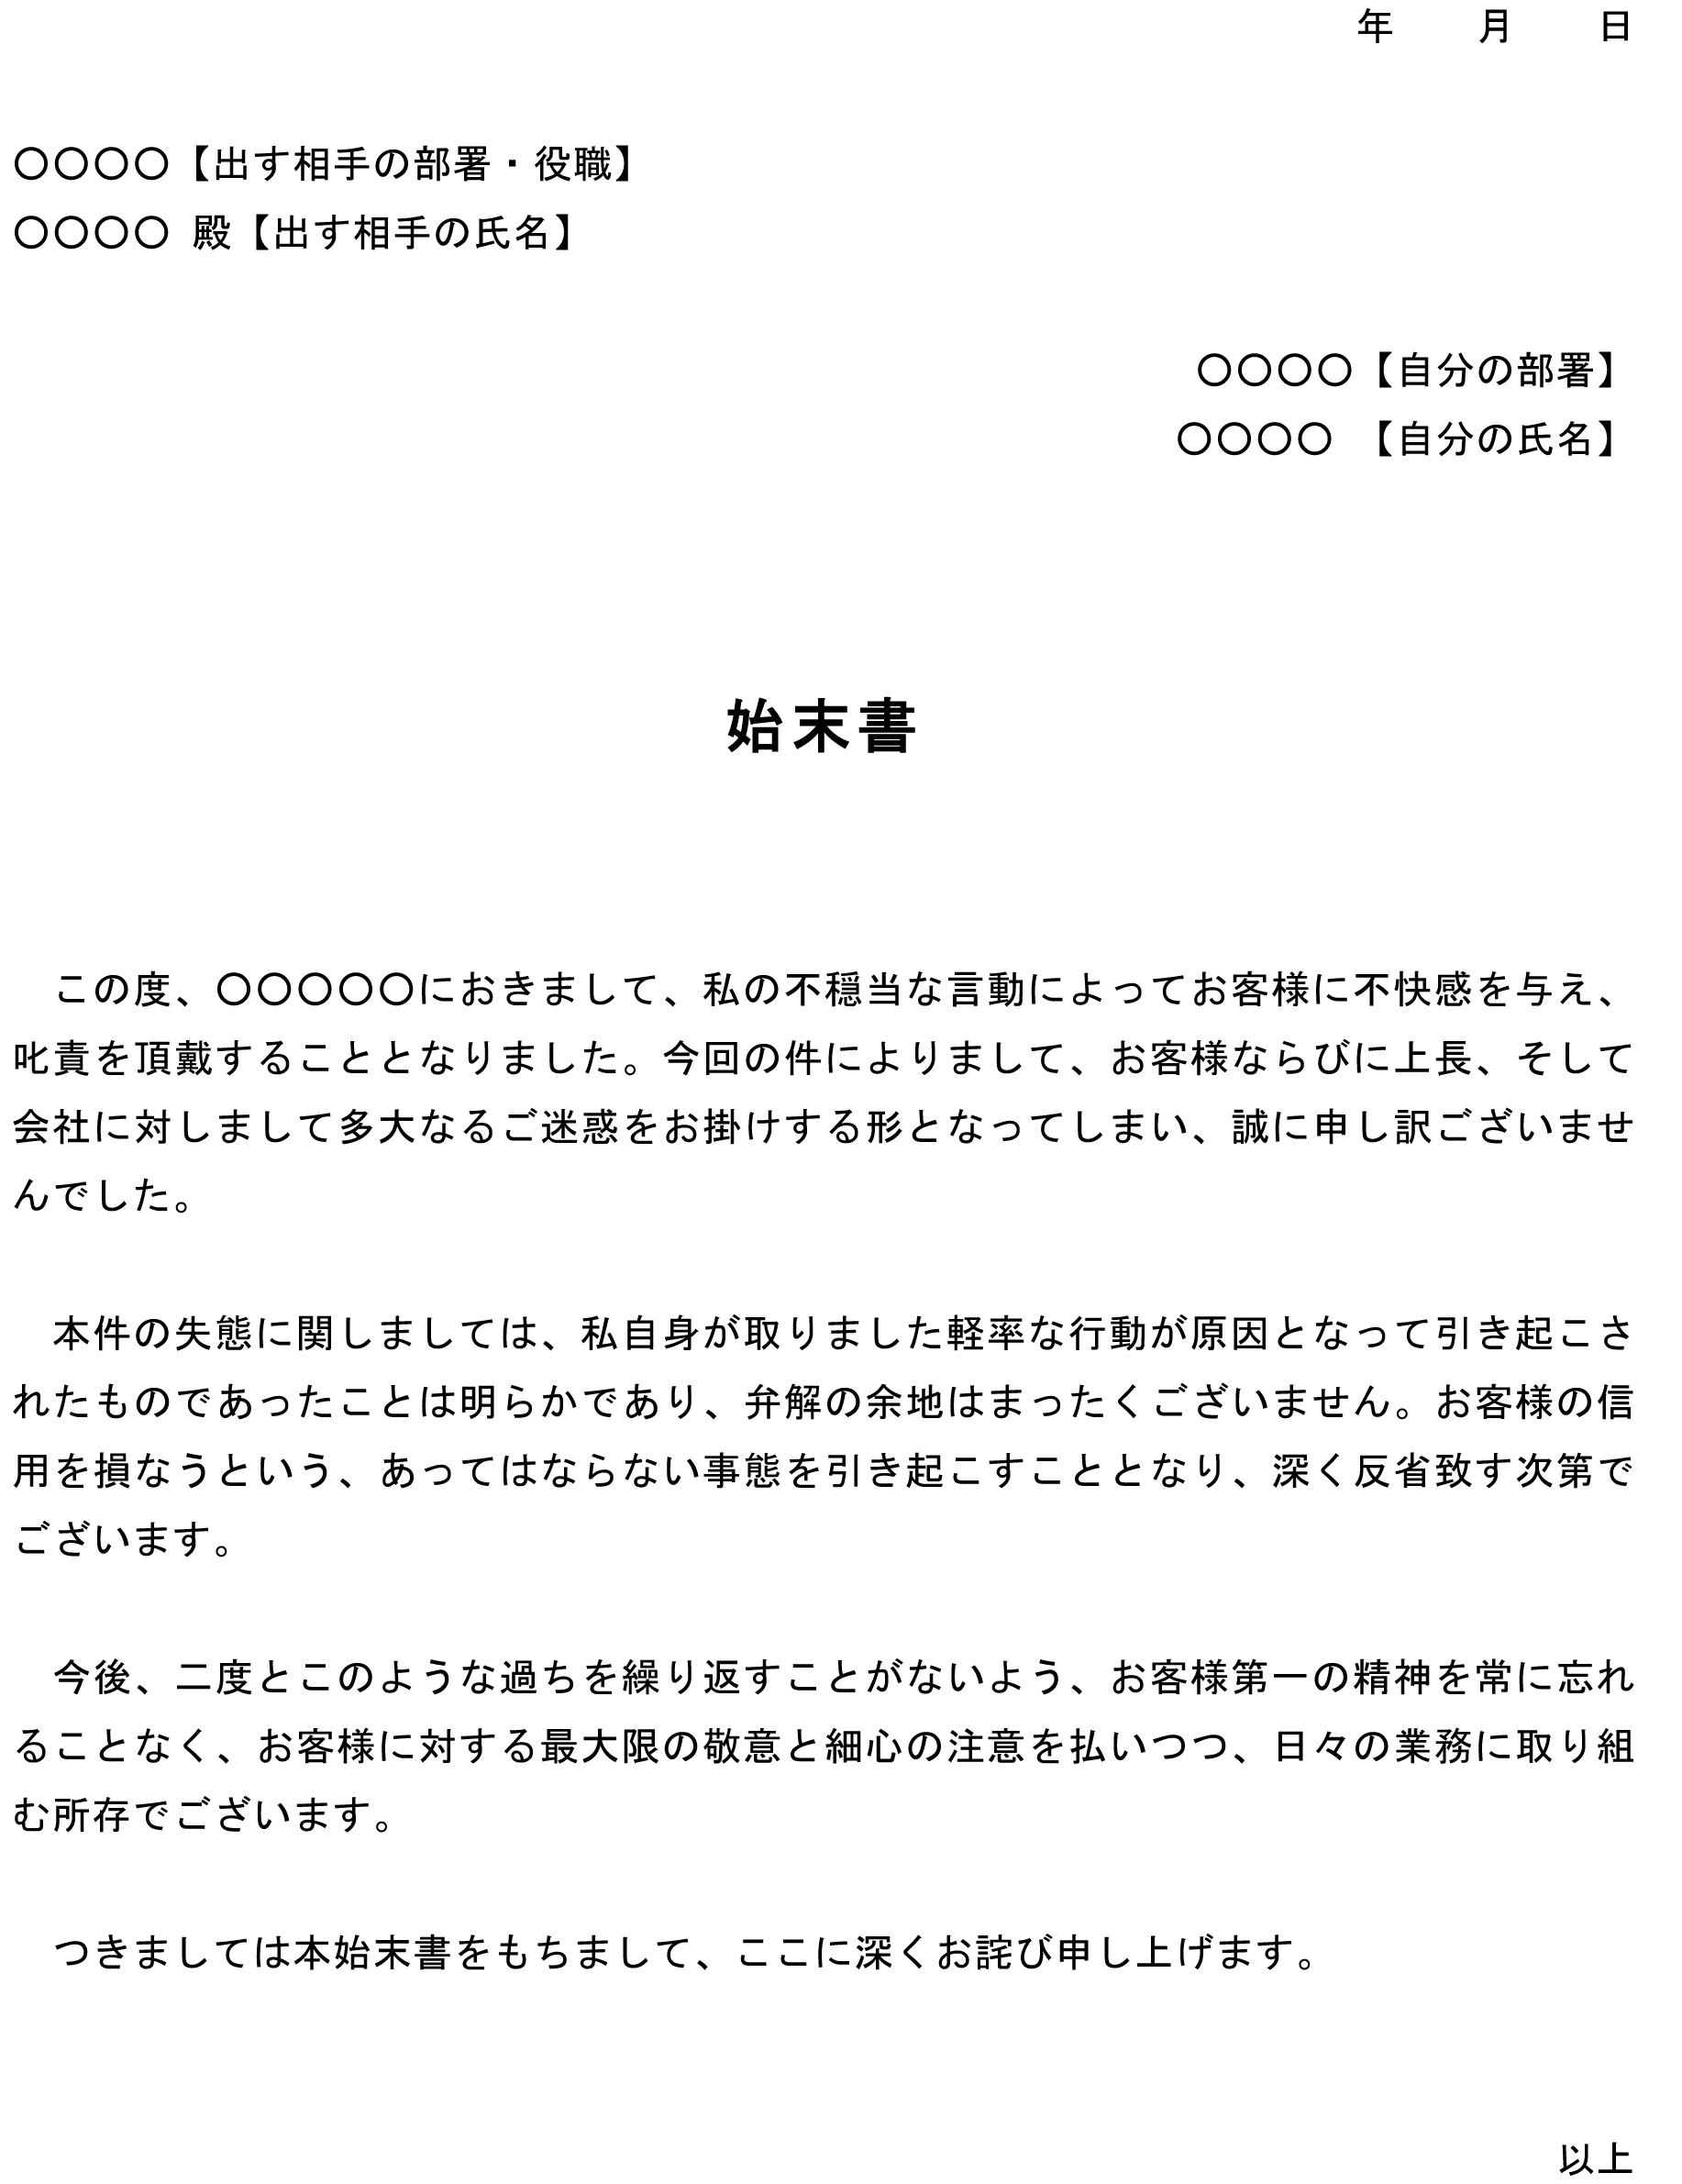 始末書(お客様からのクレーム)02